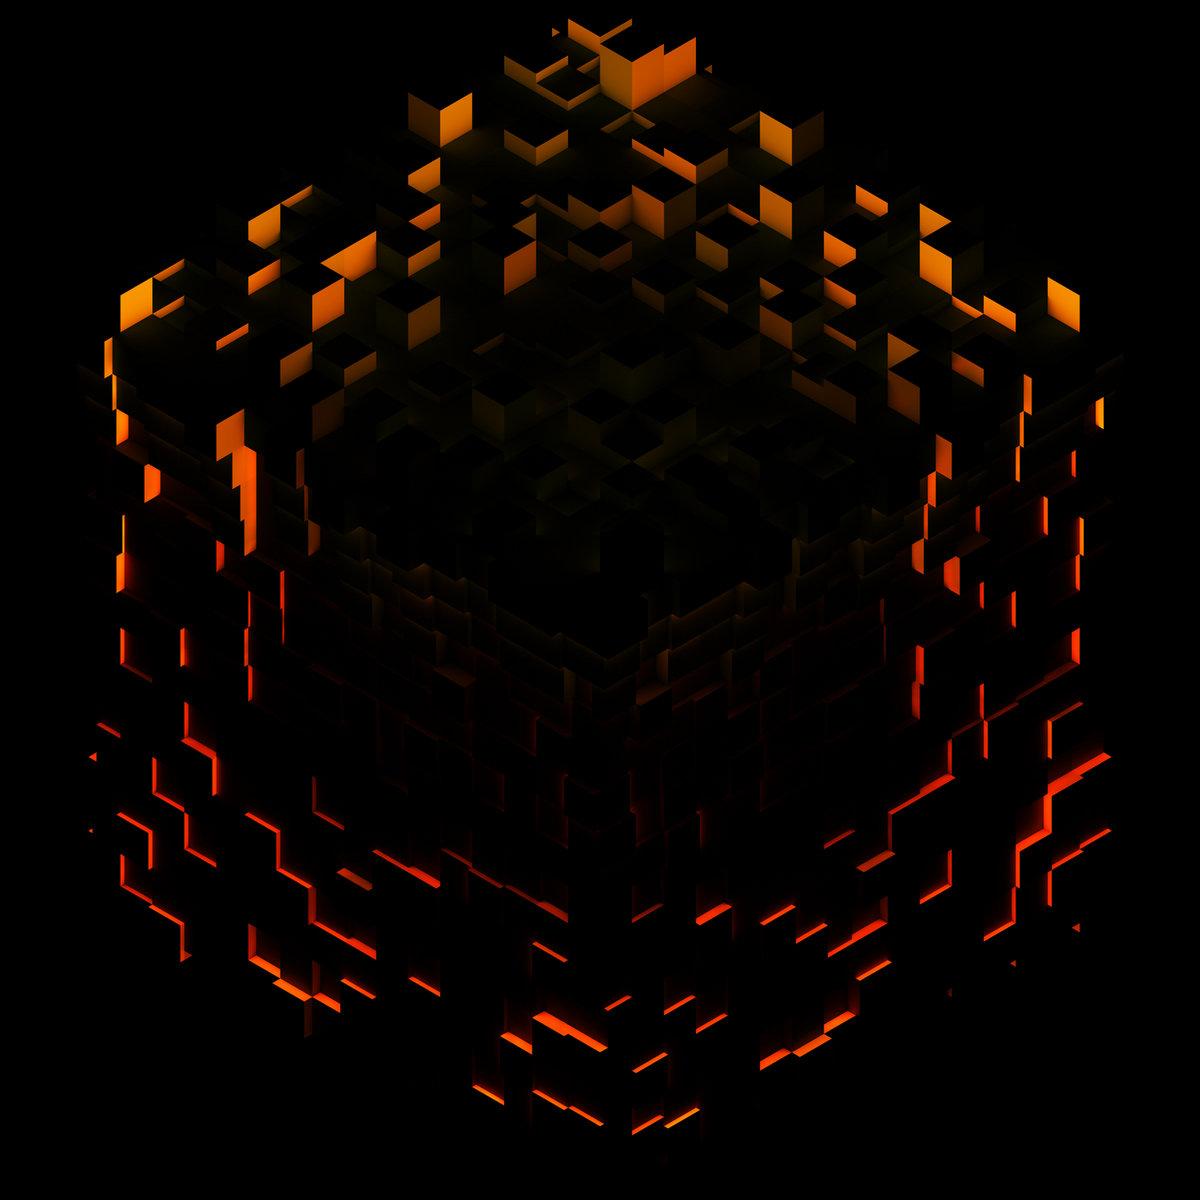 Dernier album de C418 - A écouter d'urgence ! A1112985681_10